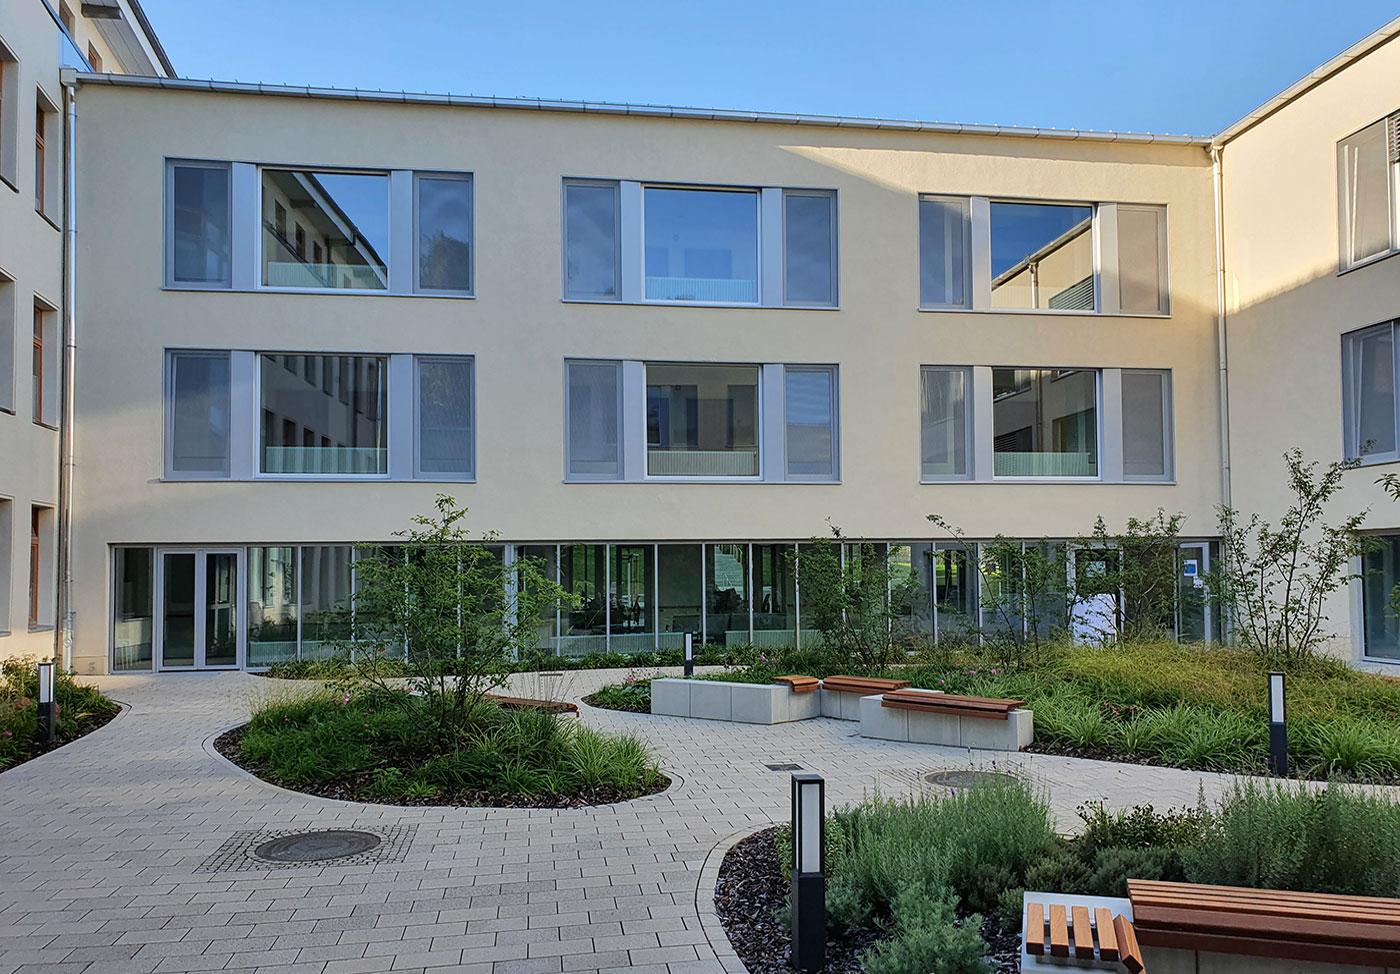 Errichtung eines Therapiezentrums Rüdersdorf - Bild 4